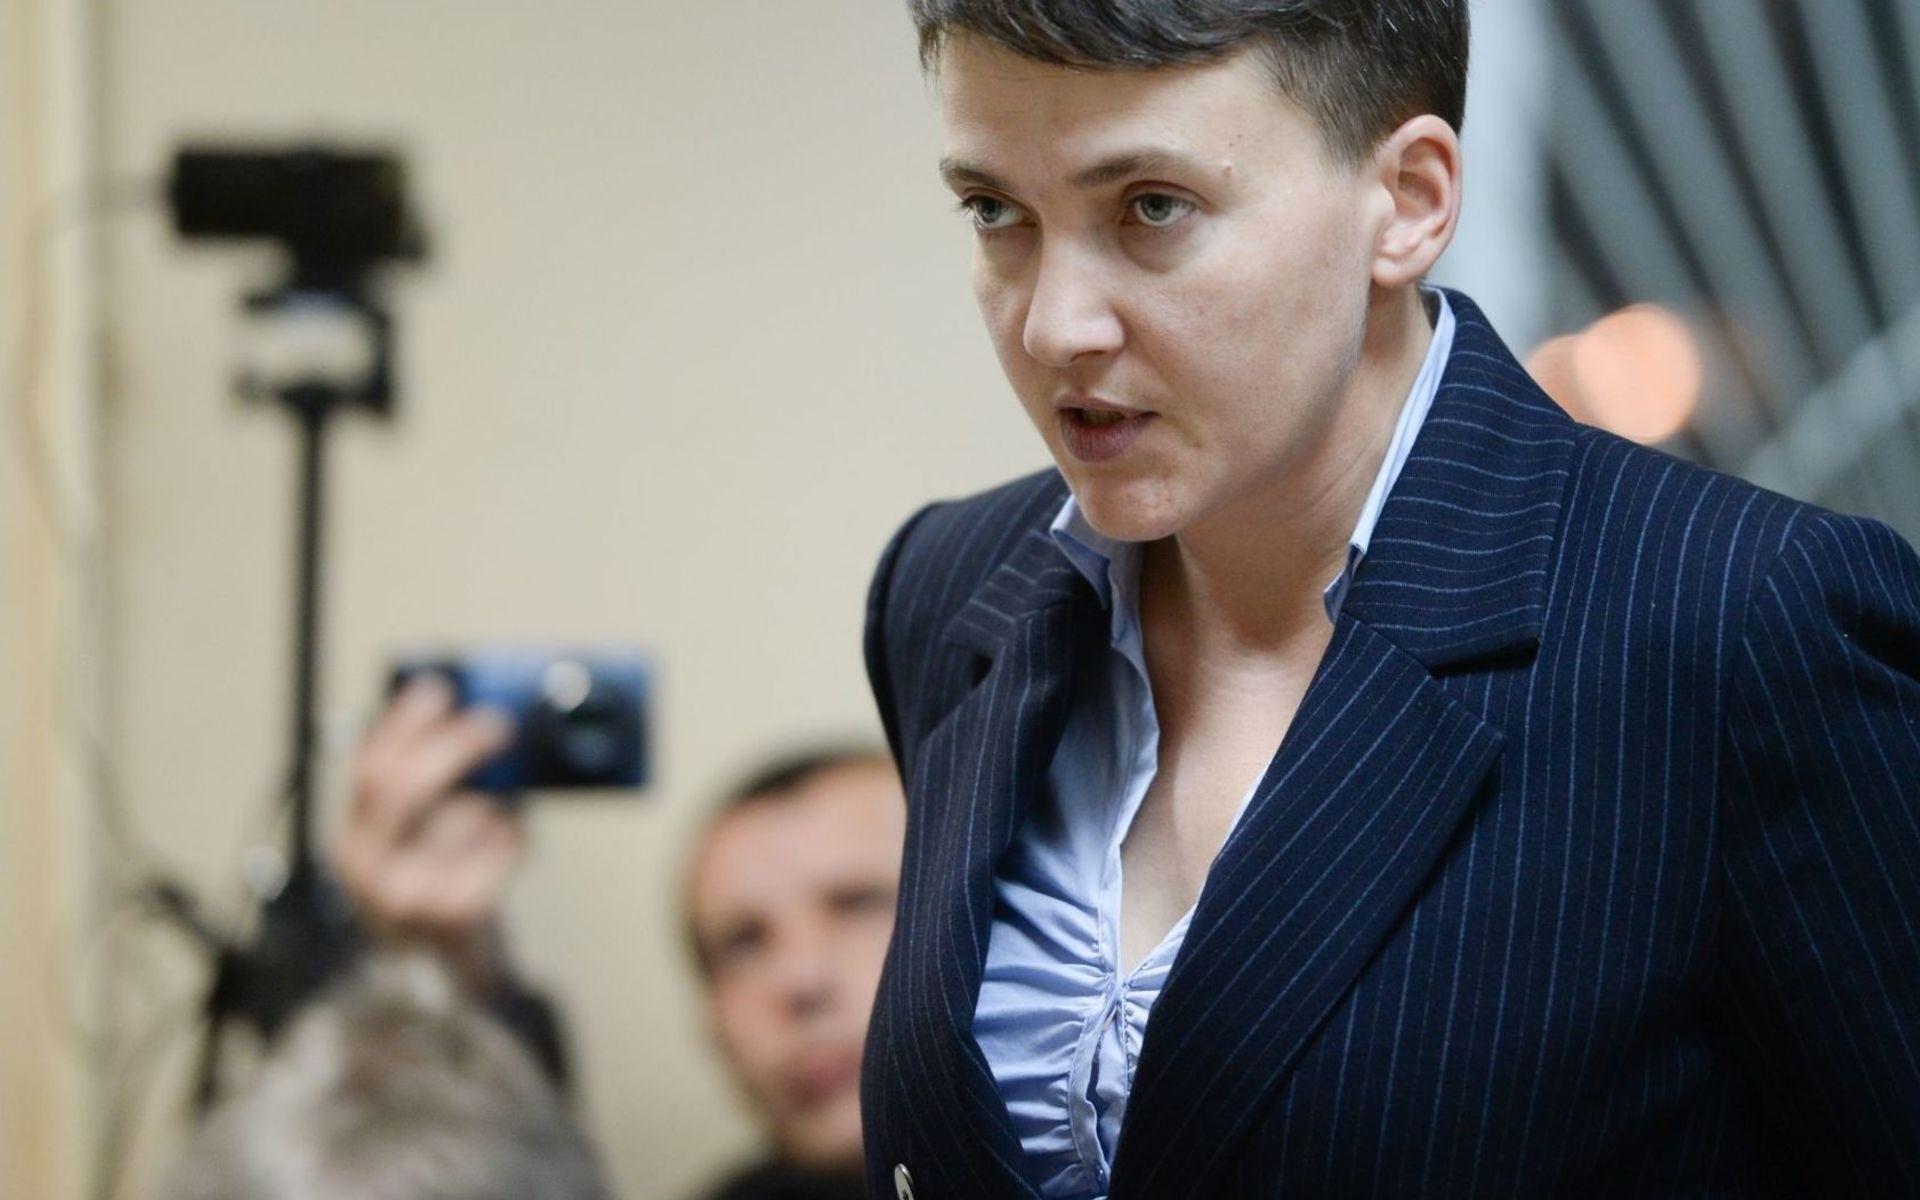 От Савченко потребовали объяснений за слова о войне на Донбассе, высказанные в Польше